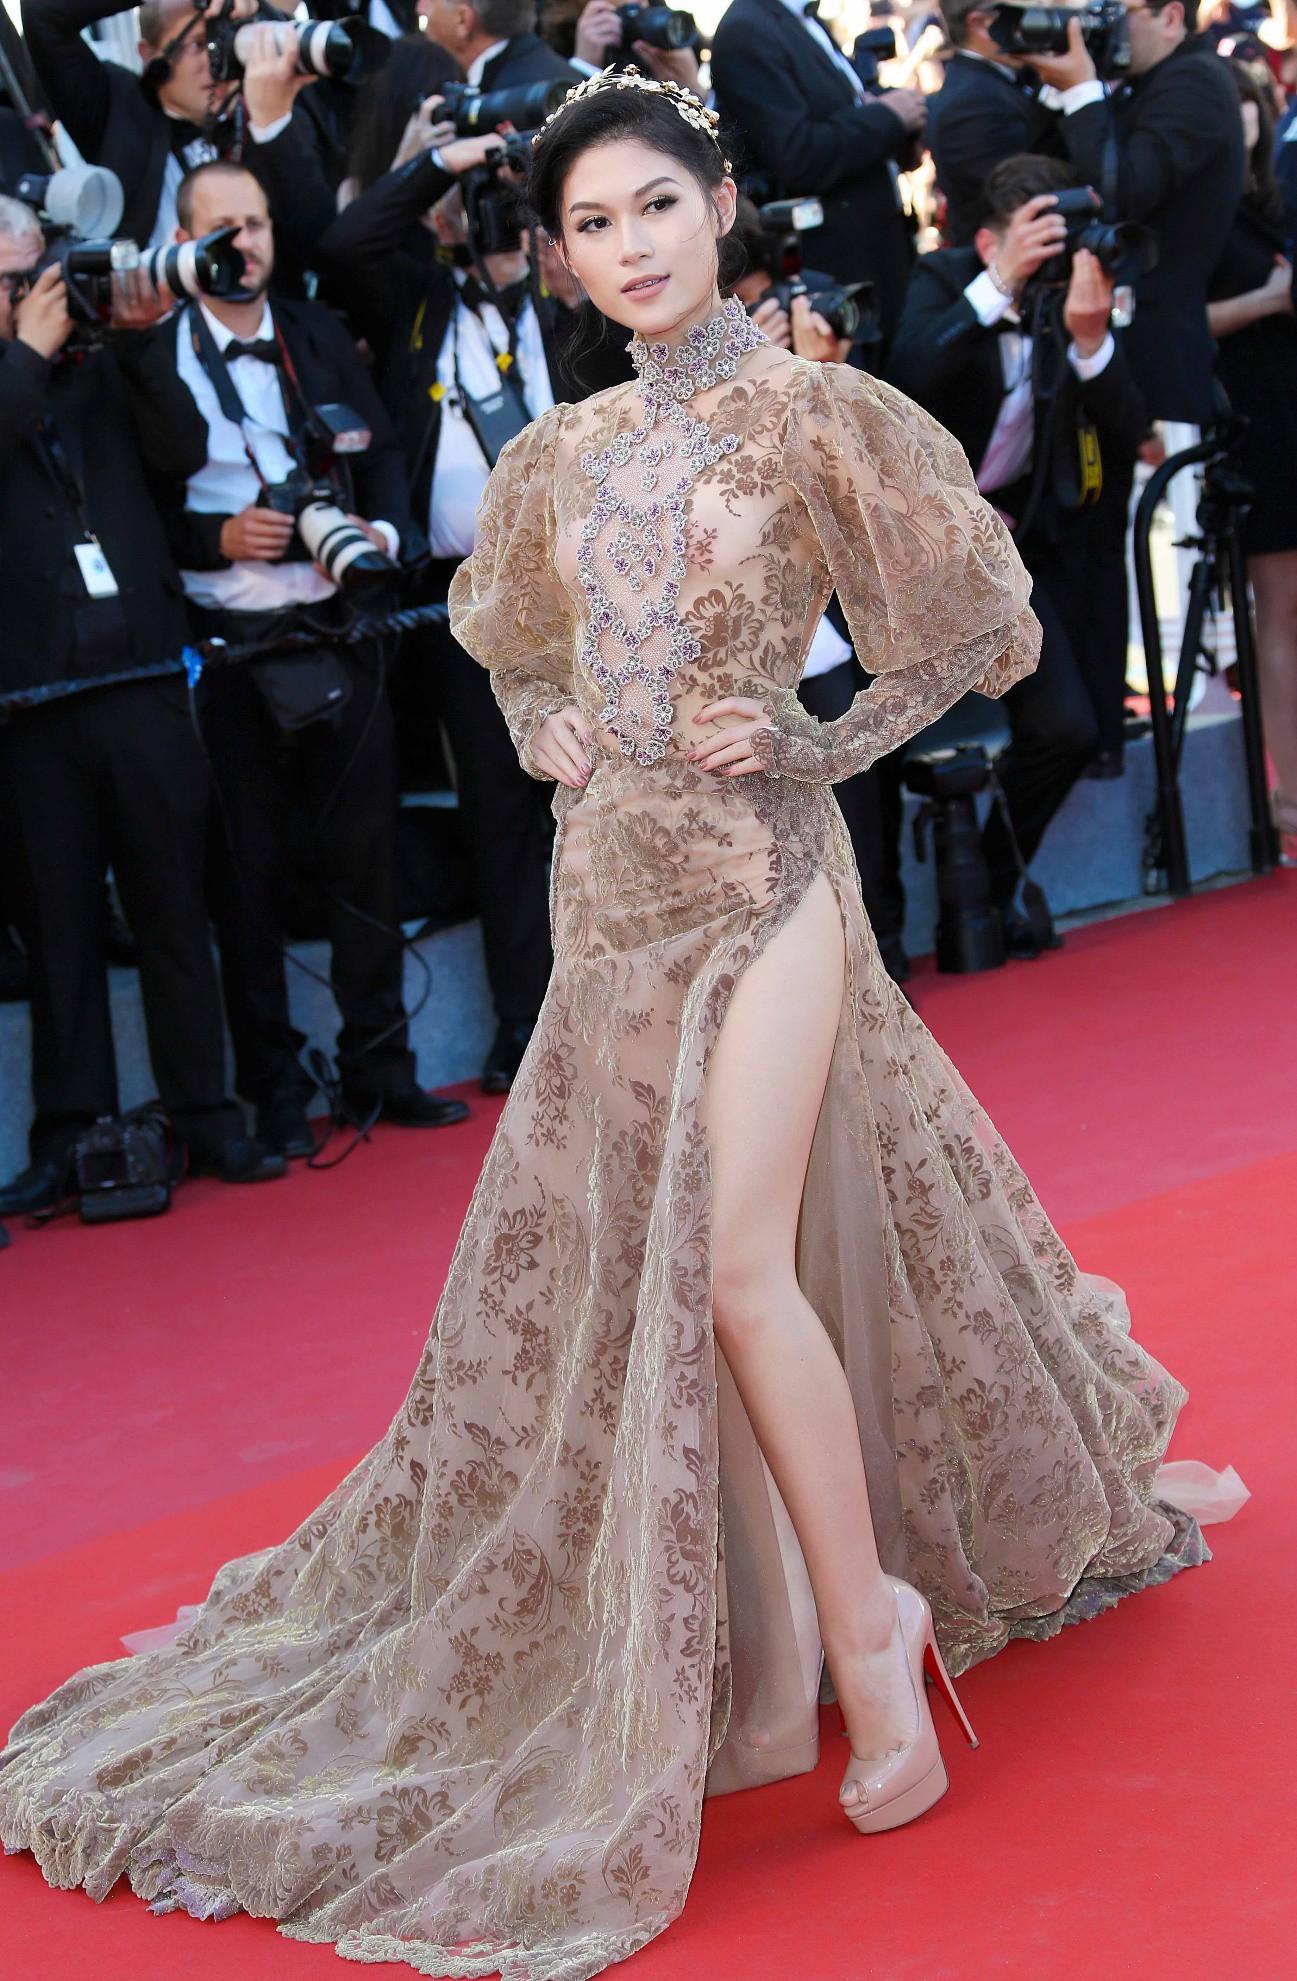 Nhìn lại những màn chưng diện của sao Việt tại Cannes - Ảnh 5.